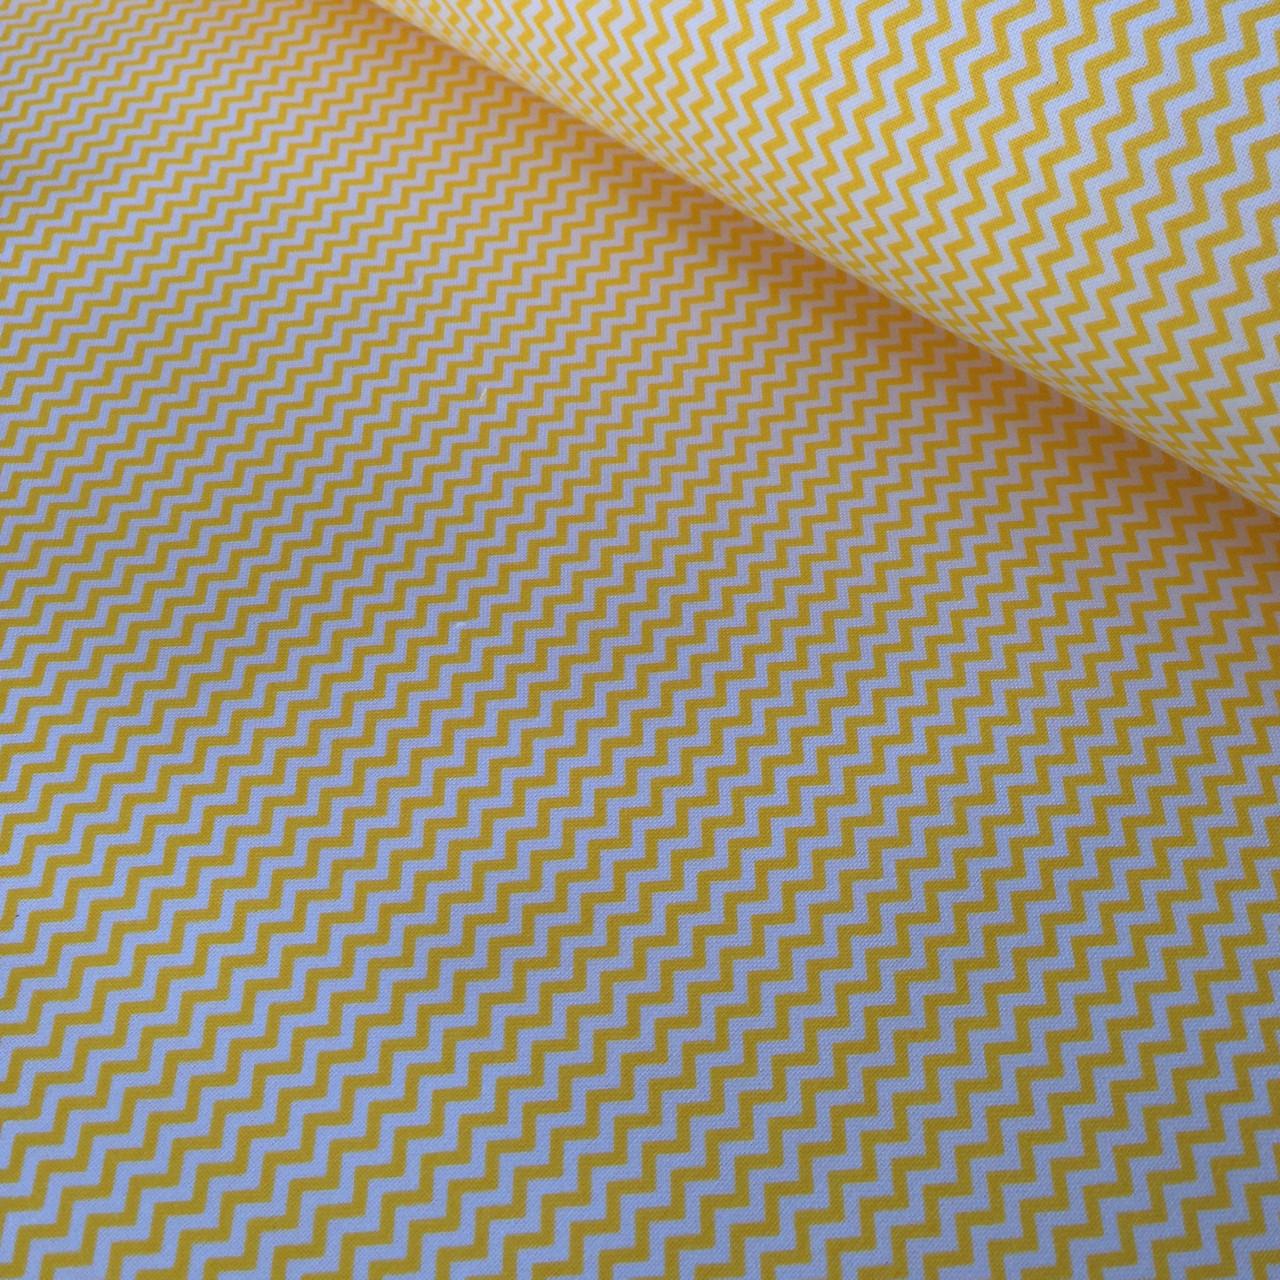 Хлопковая ткань польская зигзаг мелкий желтый № 332